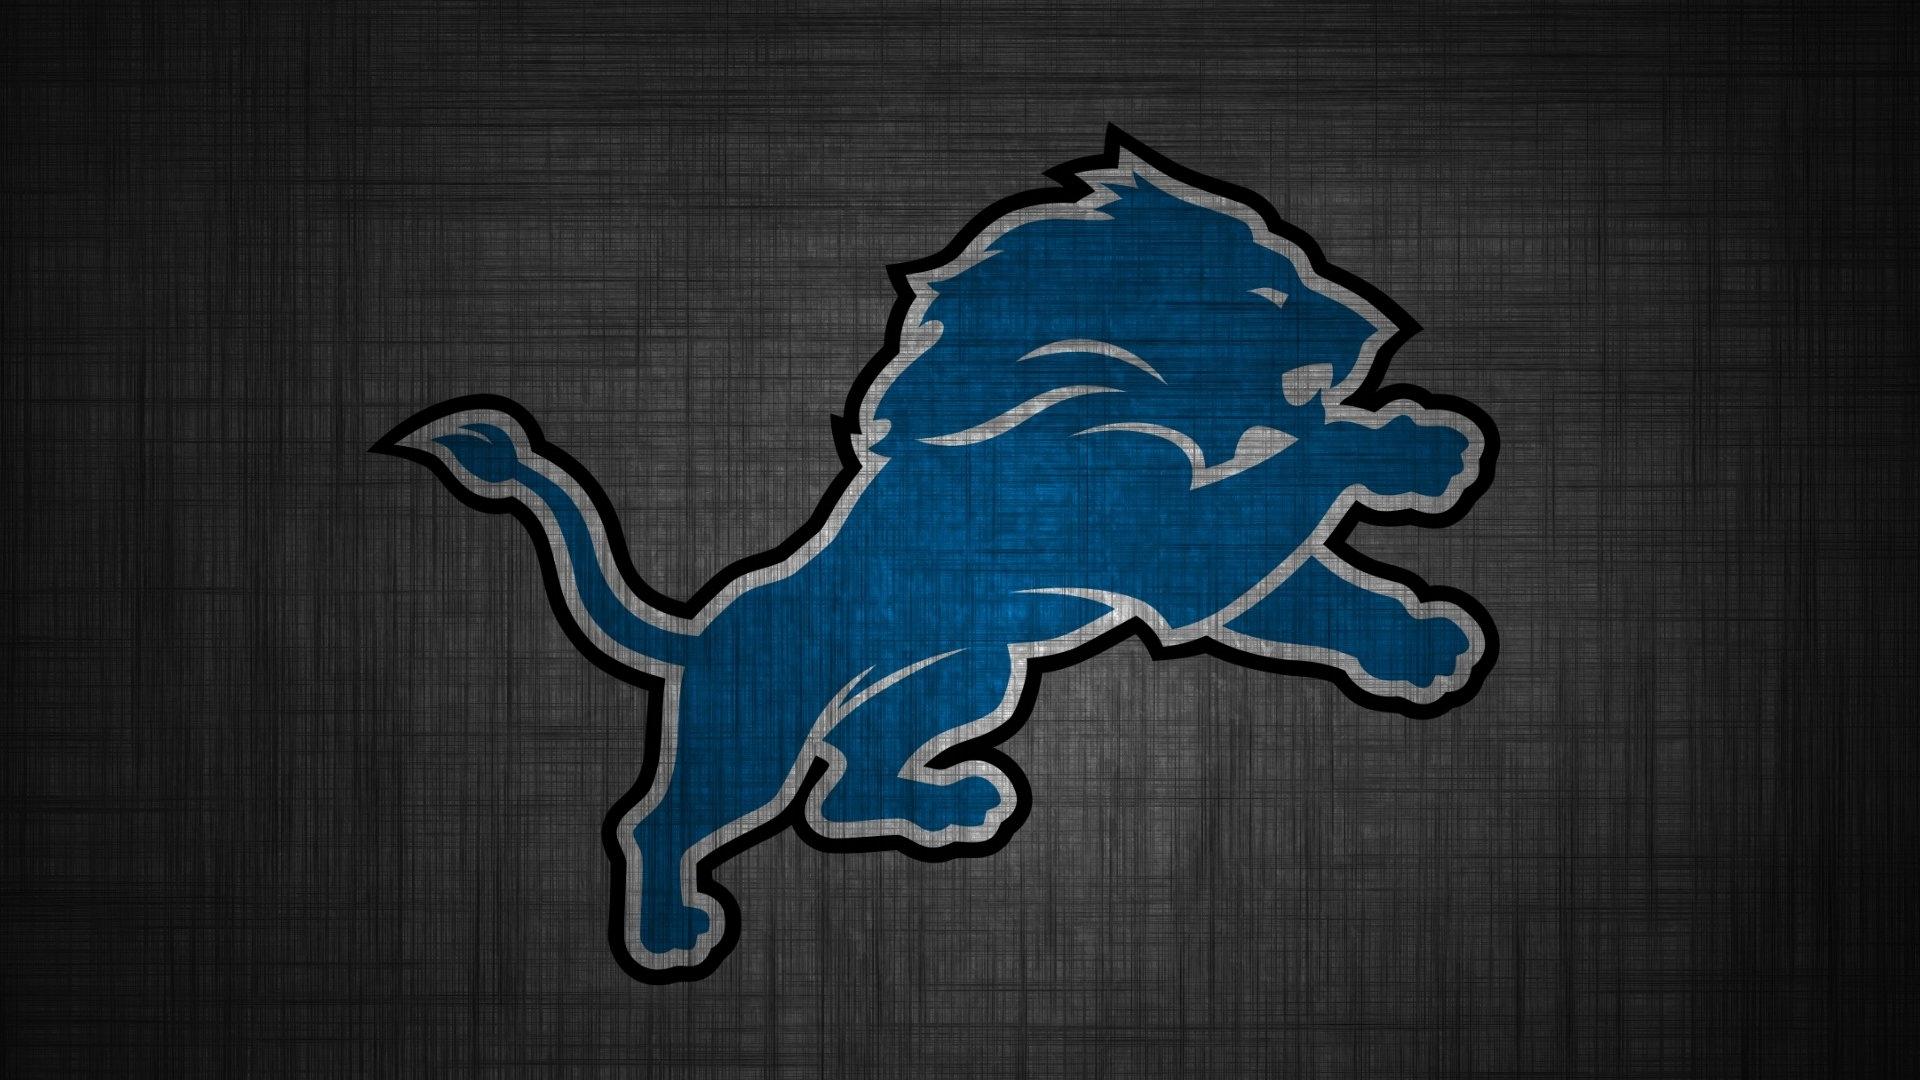 detroit lions wallpaper - bdfjade